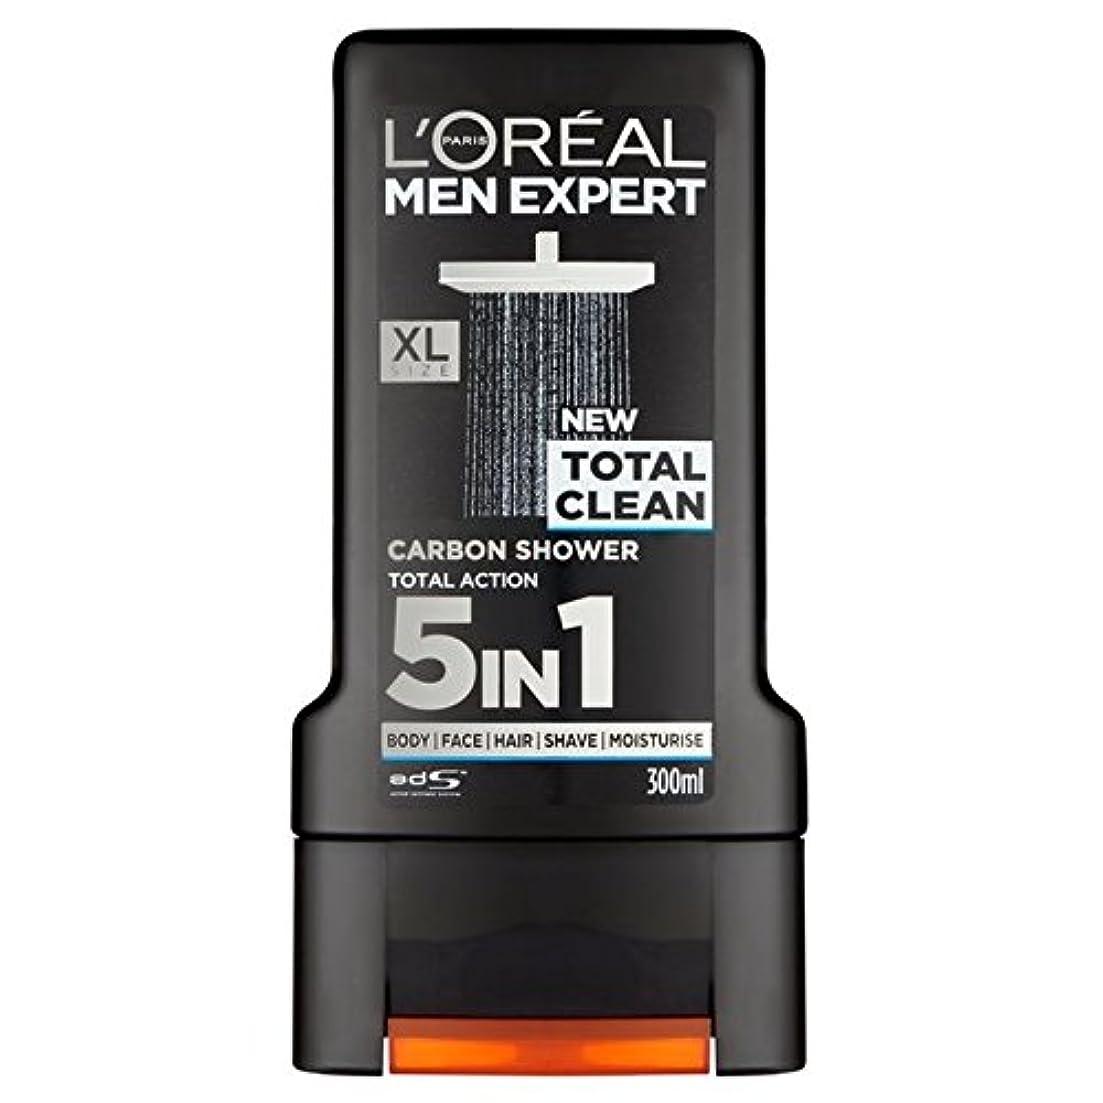 メンダシティ成長男らしさL'Oreal Paris Men Expert Total Clean Shower Gel 300ml - ロレアルパリのメンズ専門トータルクリーンシャワージェル300ミリリットル [並行輸入品]